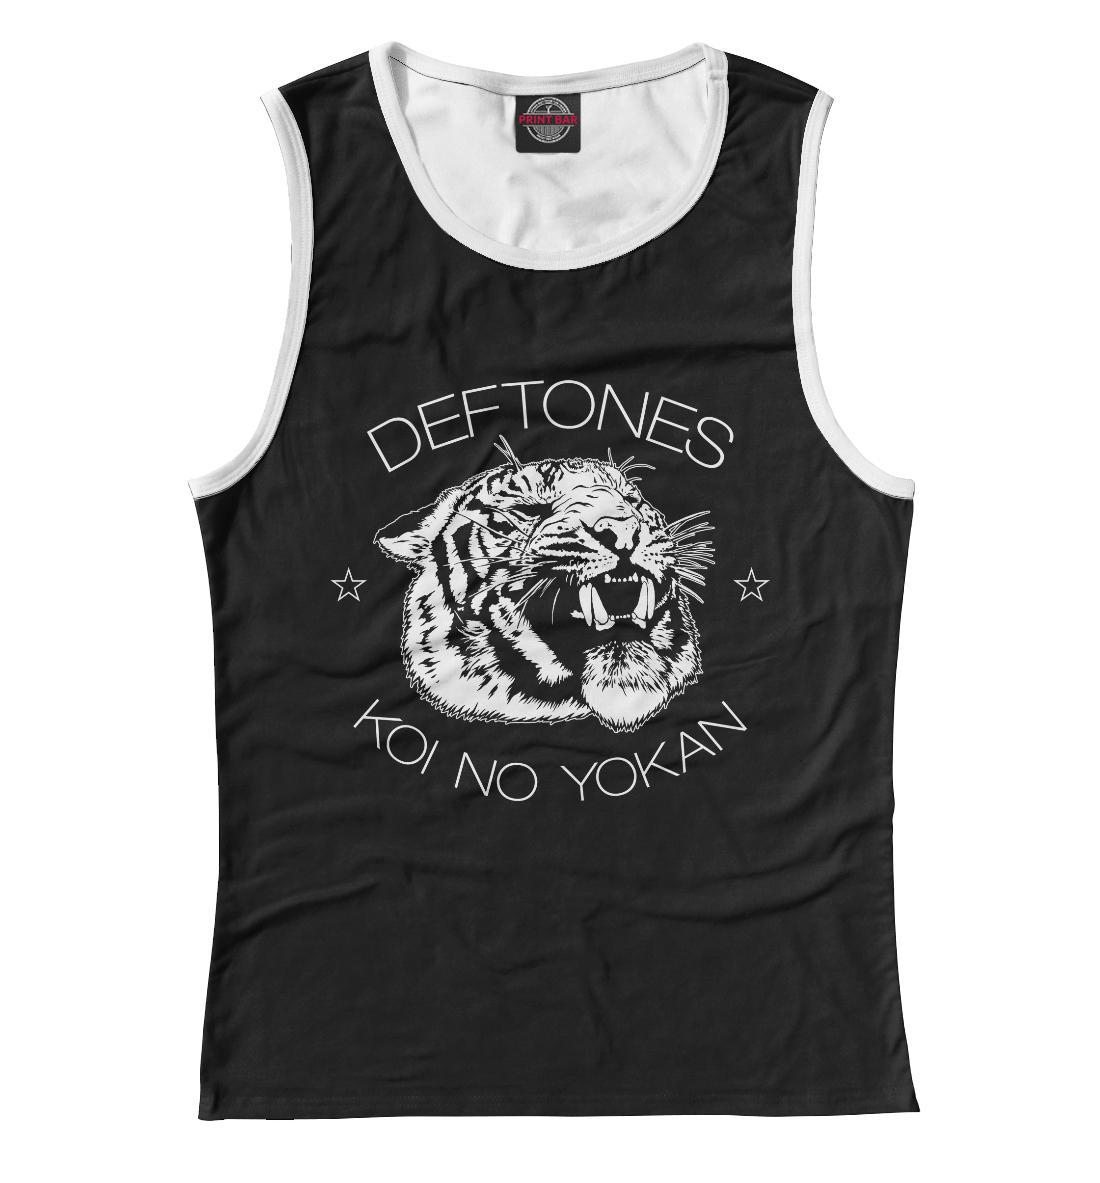 Купить Deftones, Printbar, Майки, MZK-703142-may-1